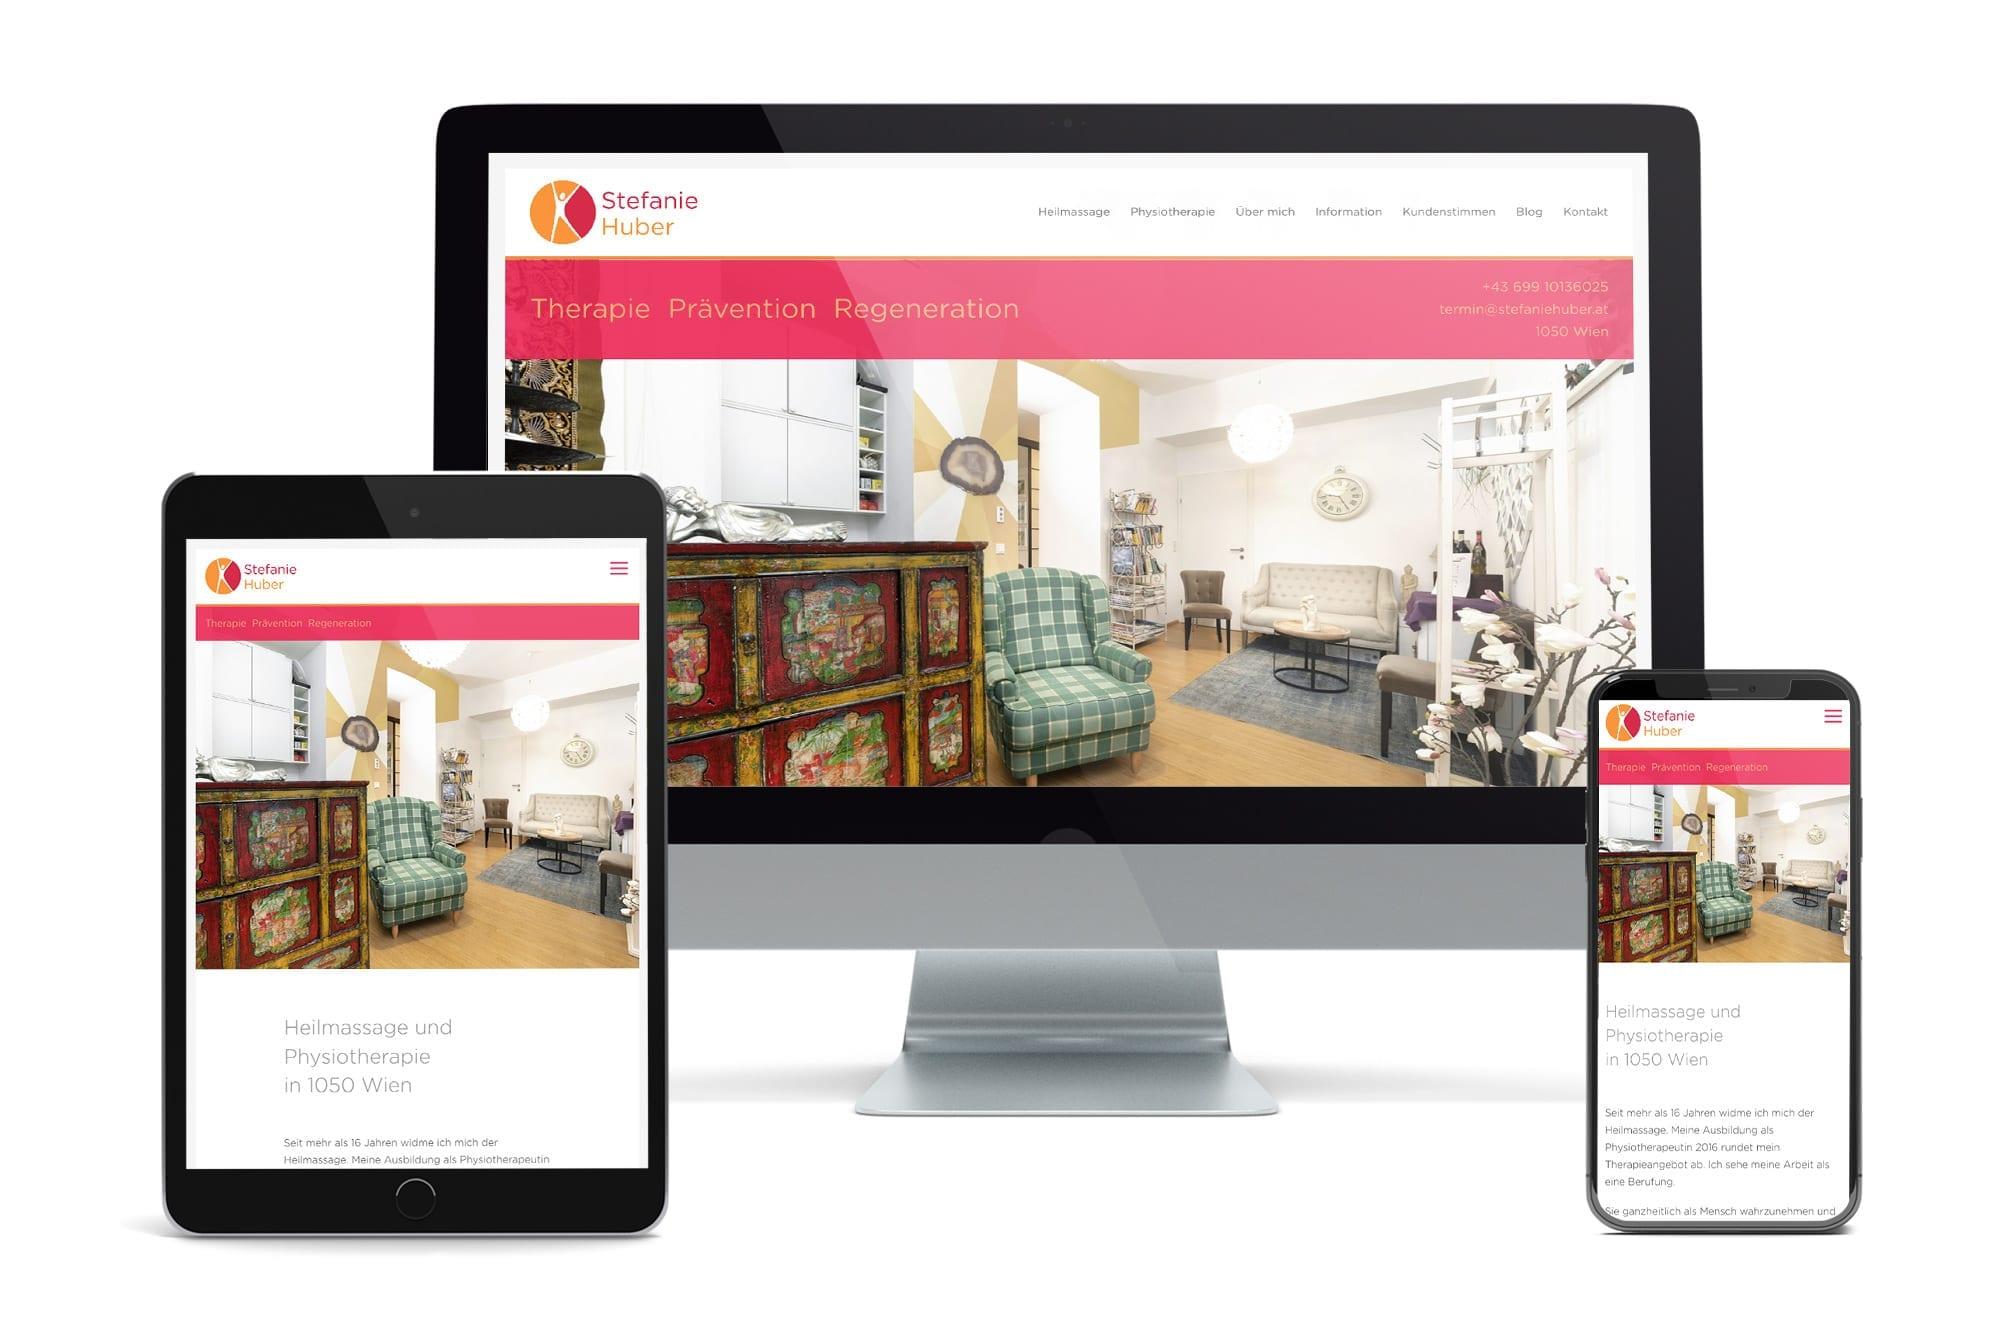 Webdesign Beispiel: Neue Website für Physiotherapeutin in Wien